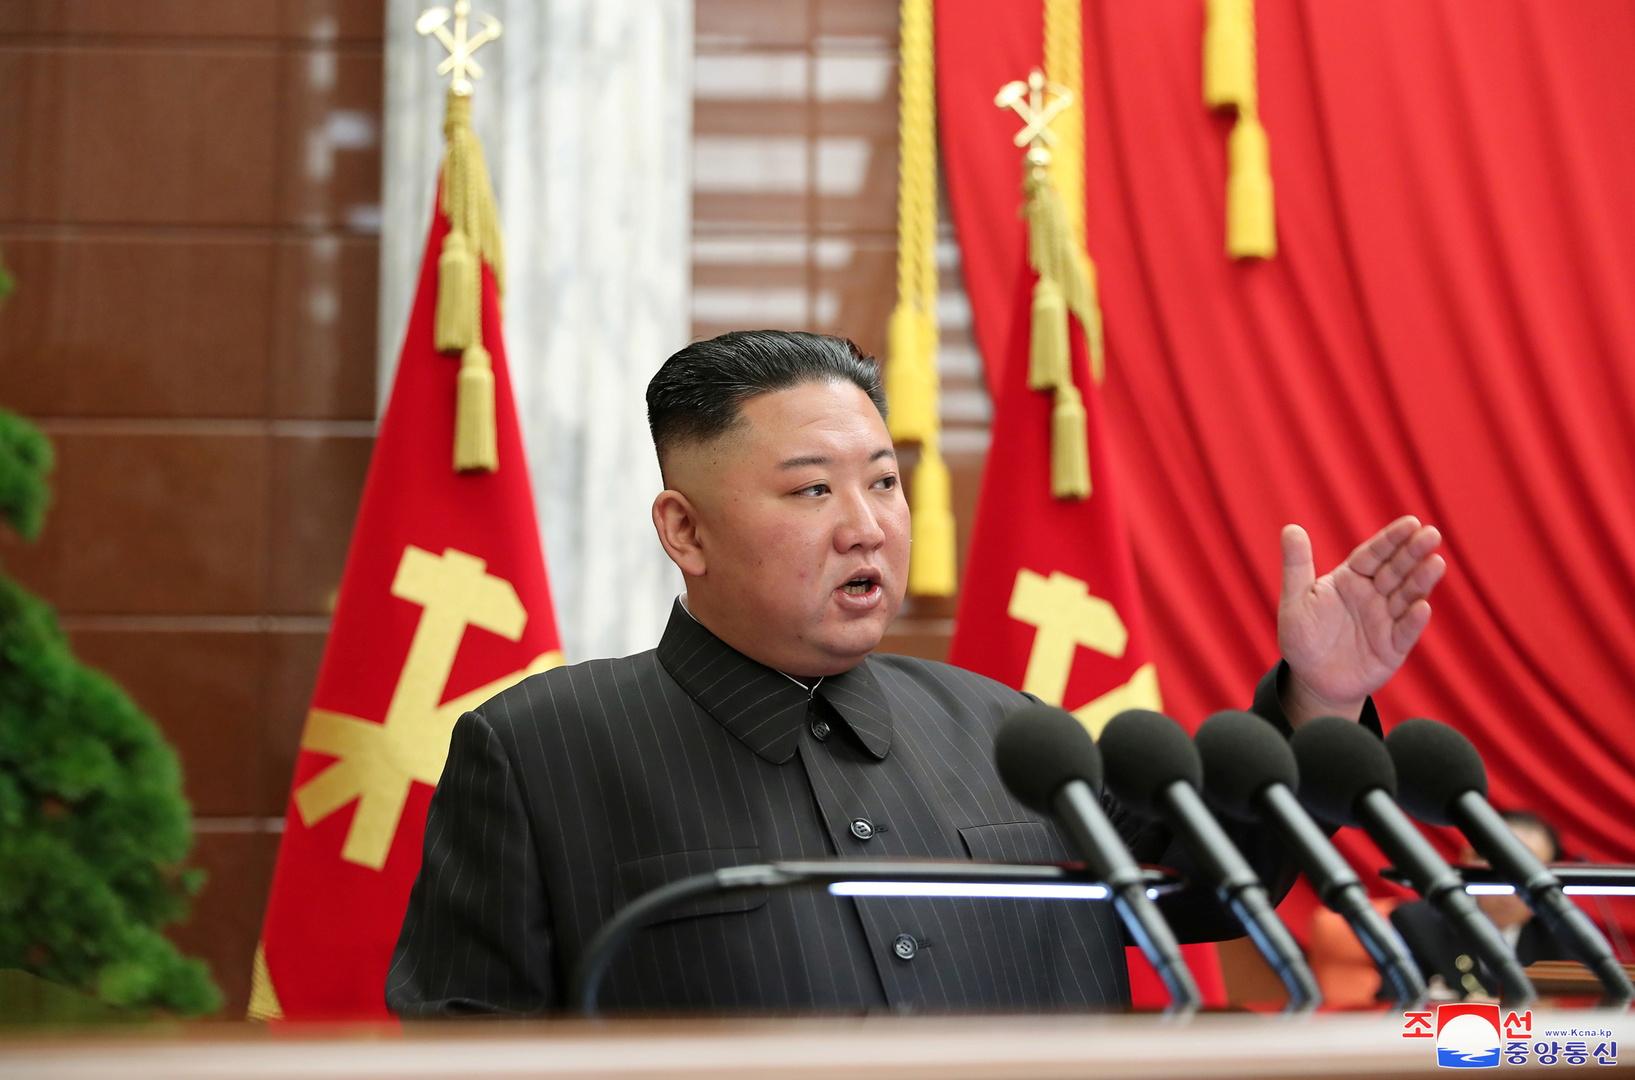 رئيس الوزراء الكوري الشمالي ينجو من محاولة إقالة بسبب أزمة كورونا